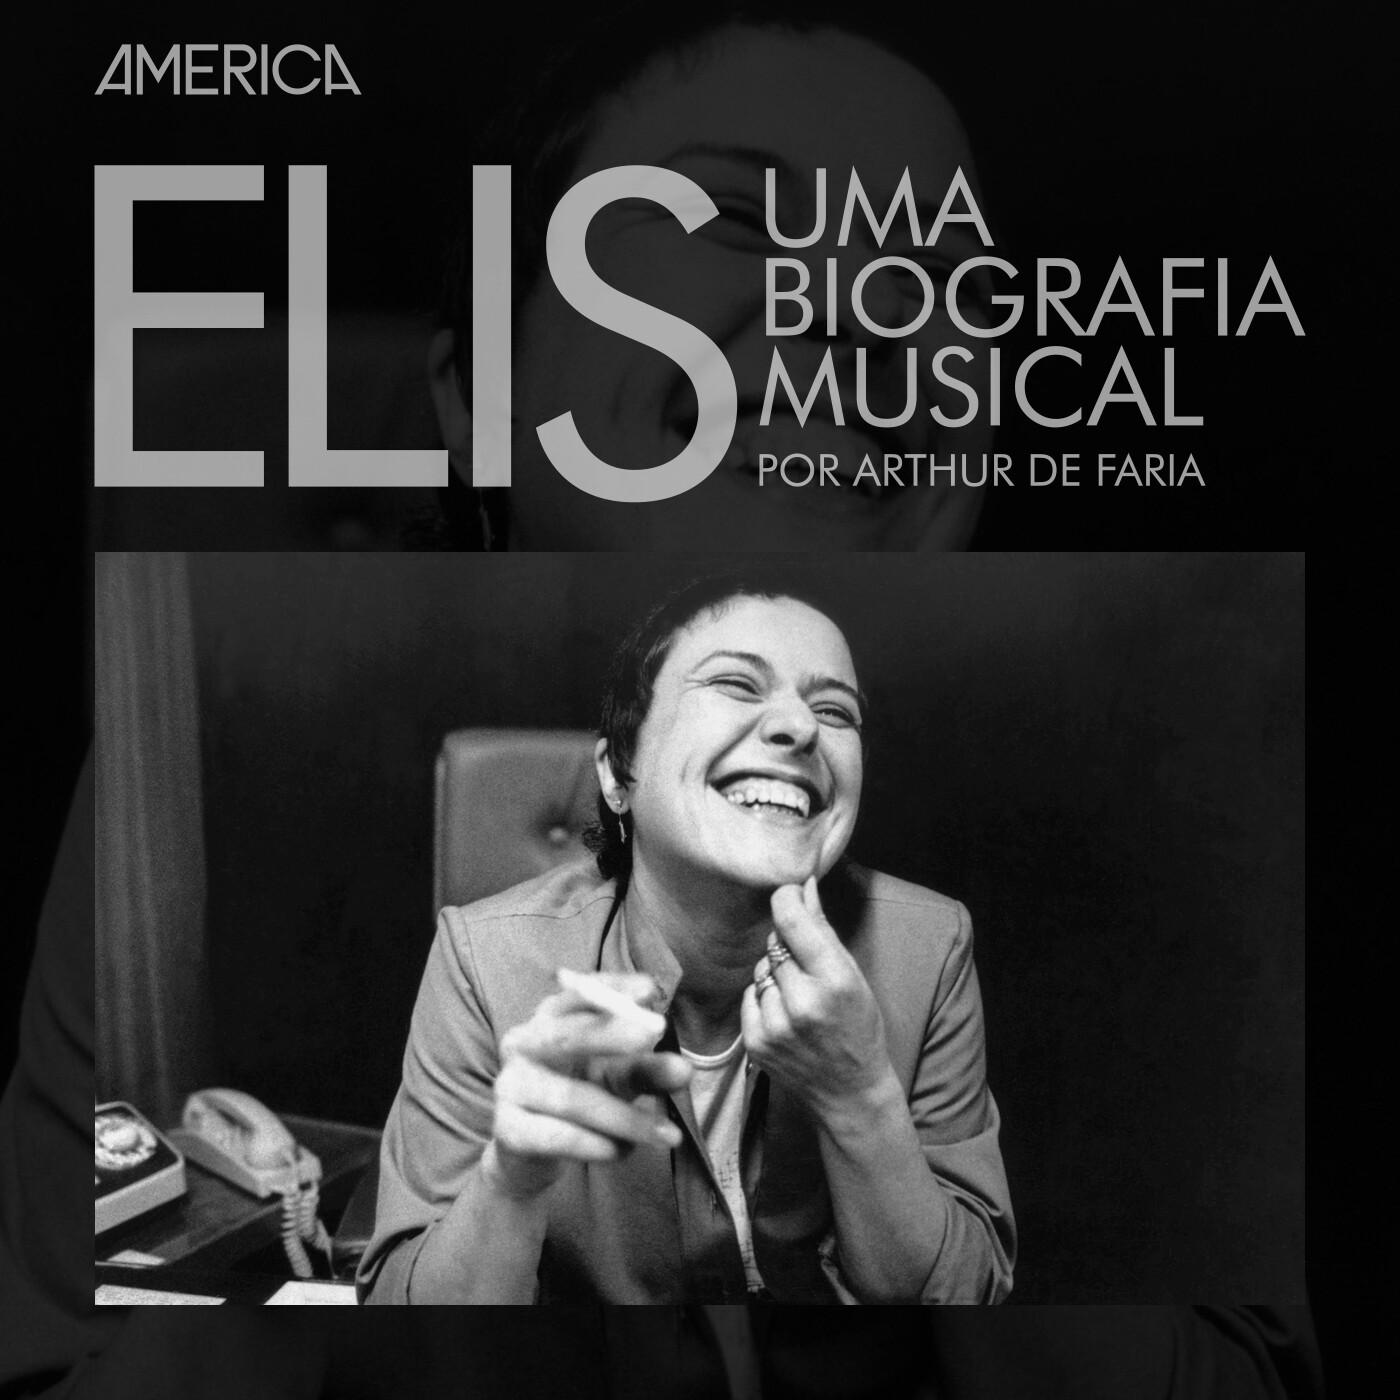 Elis Uma Biografia Musical #16 – Chegou o fim da viagem